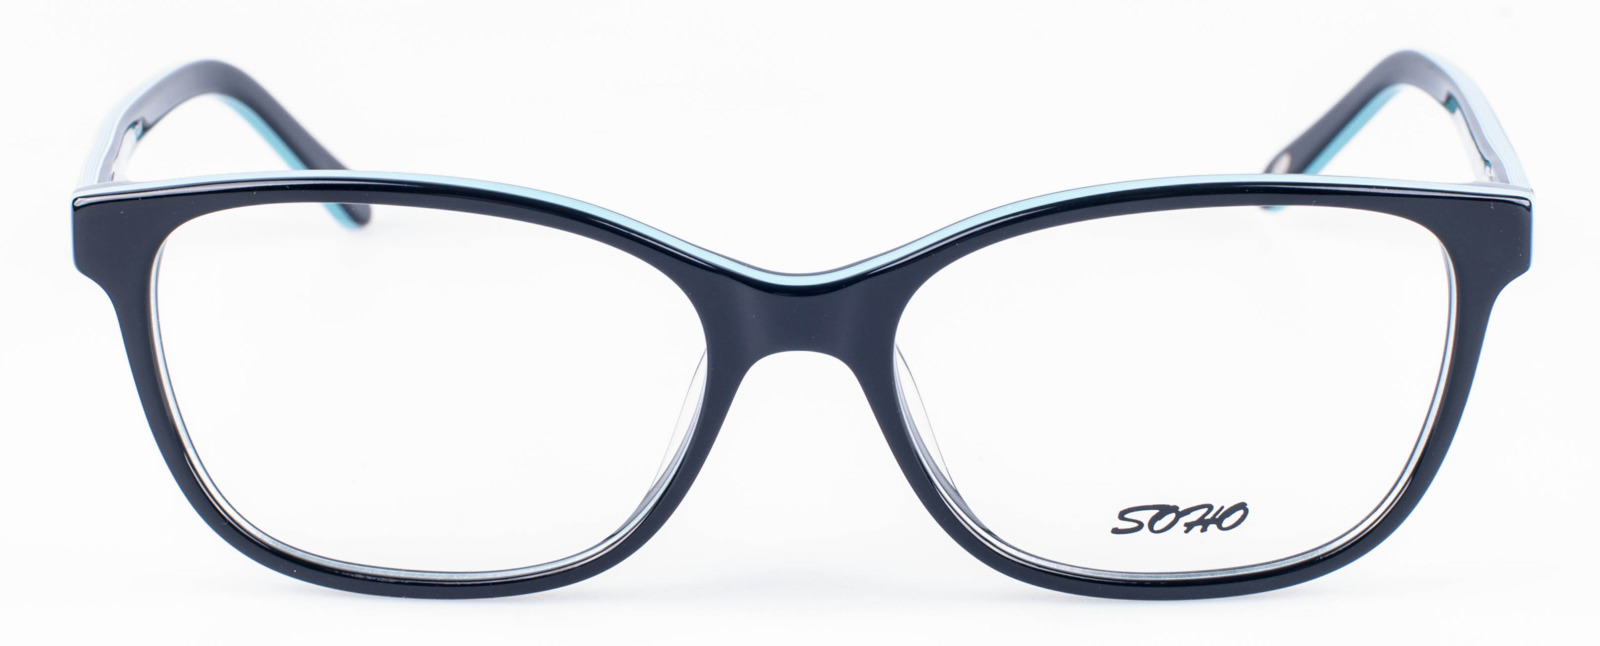 Оправа для очков женская Soho, SCL1013 C01, черный оправа для очков dixon 2014 d9917